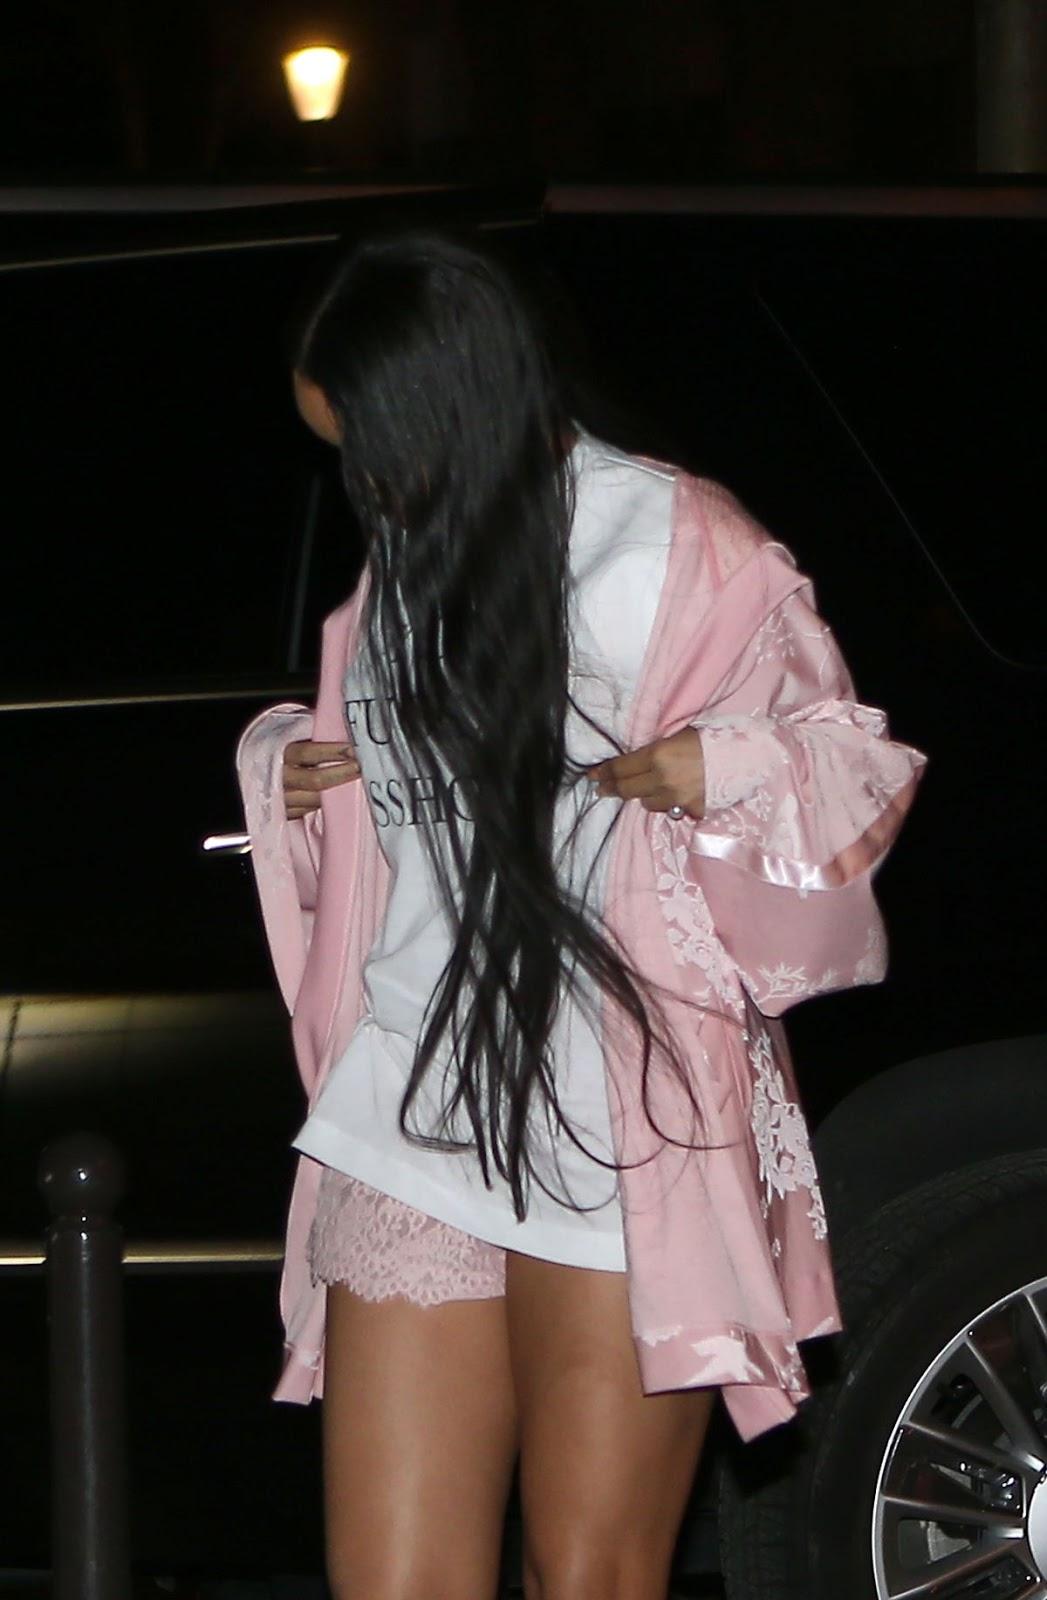 Rihanna Show Off Her Legs